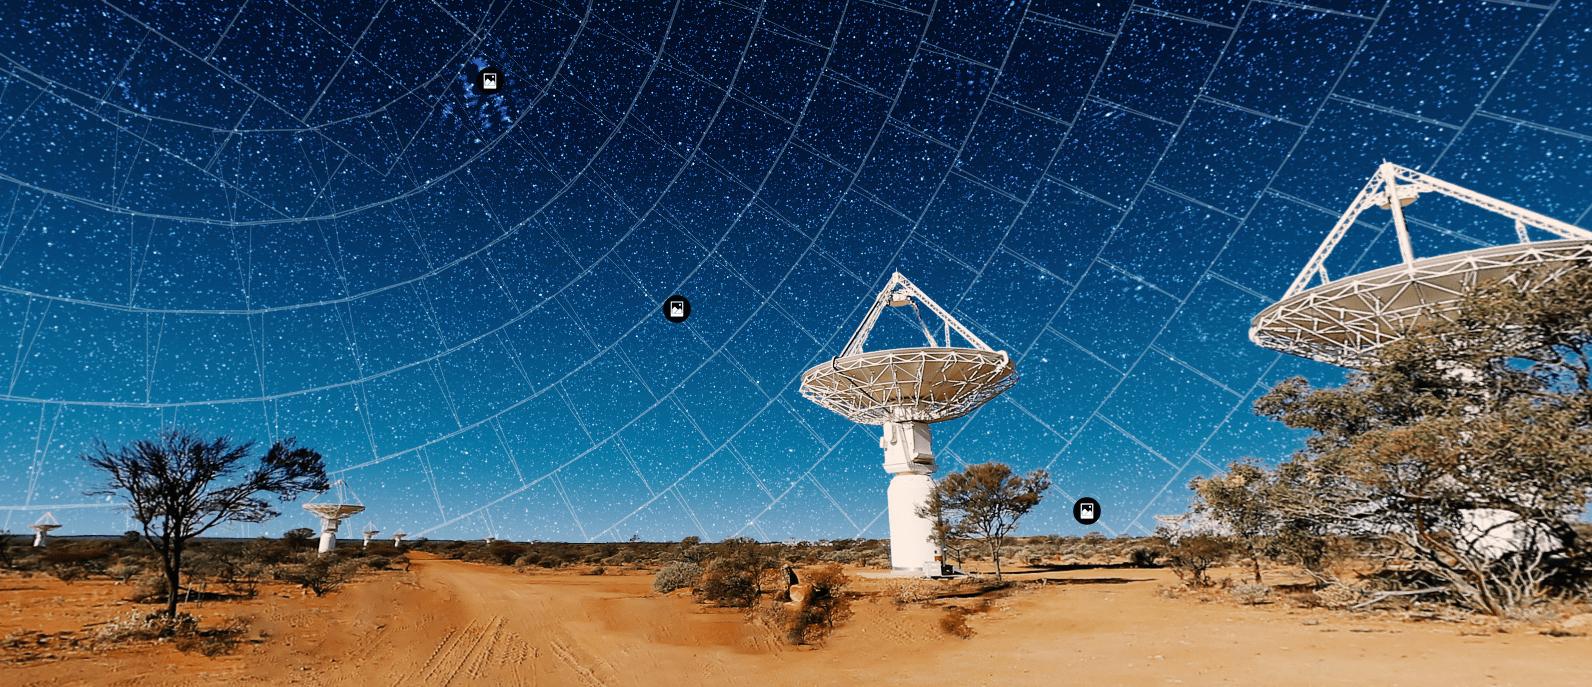 1 миллион новых галактик нашли при исследовании южного неба (image)